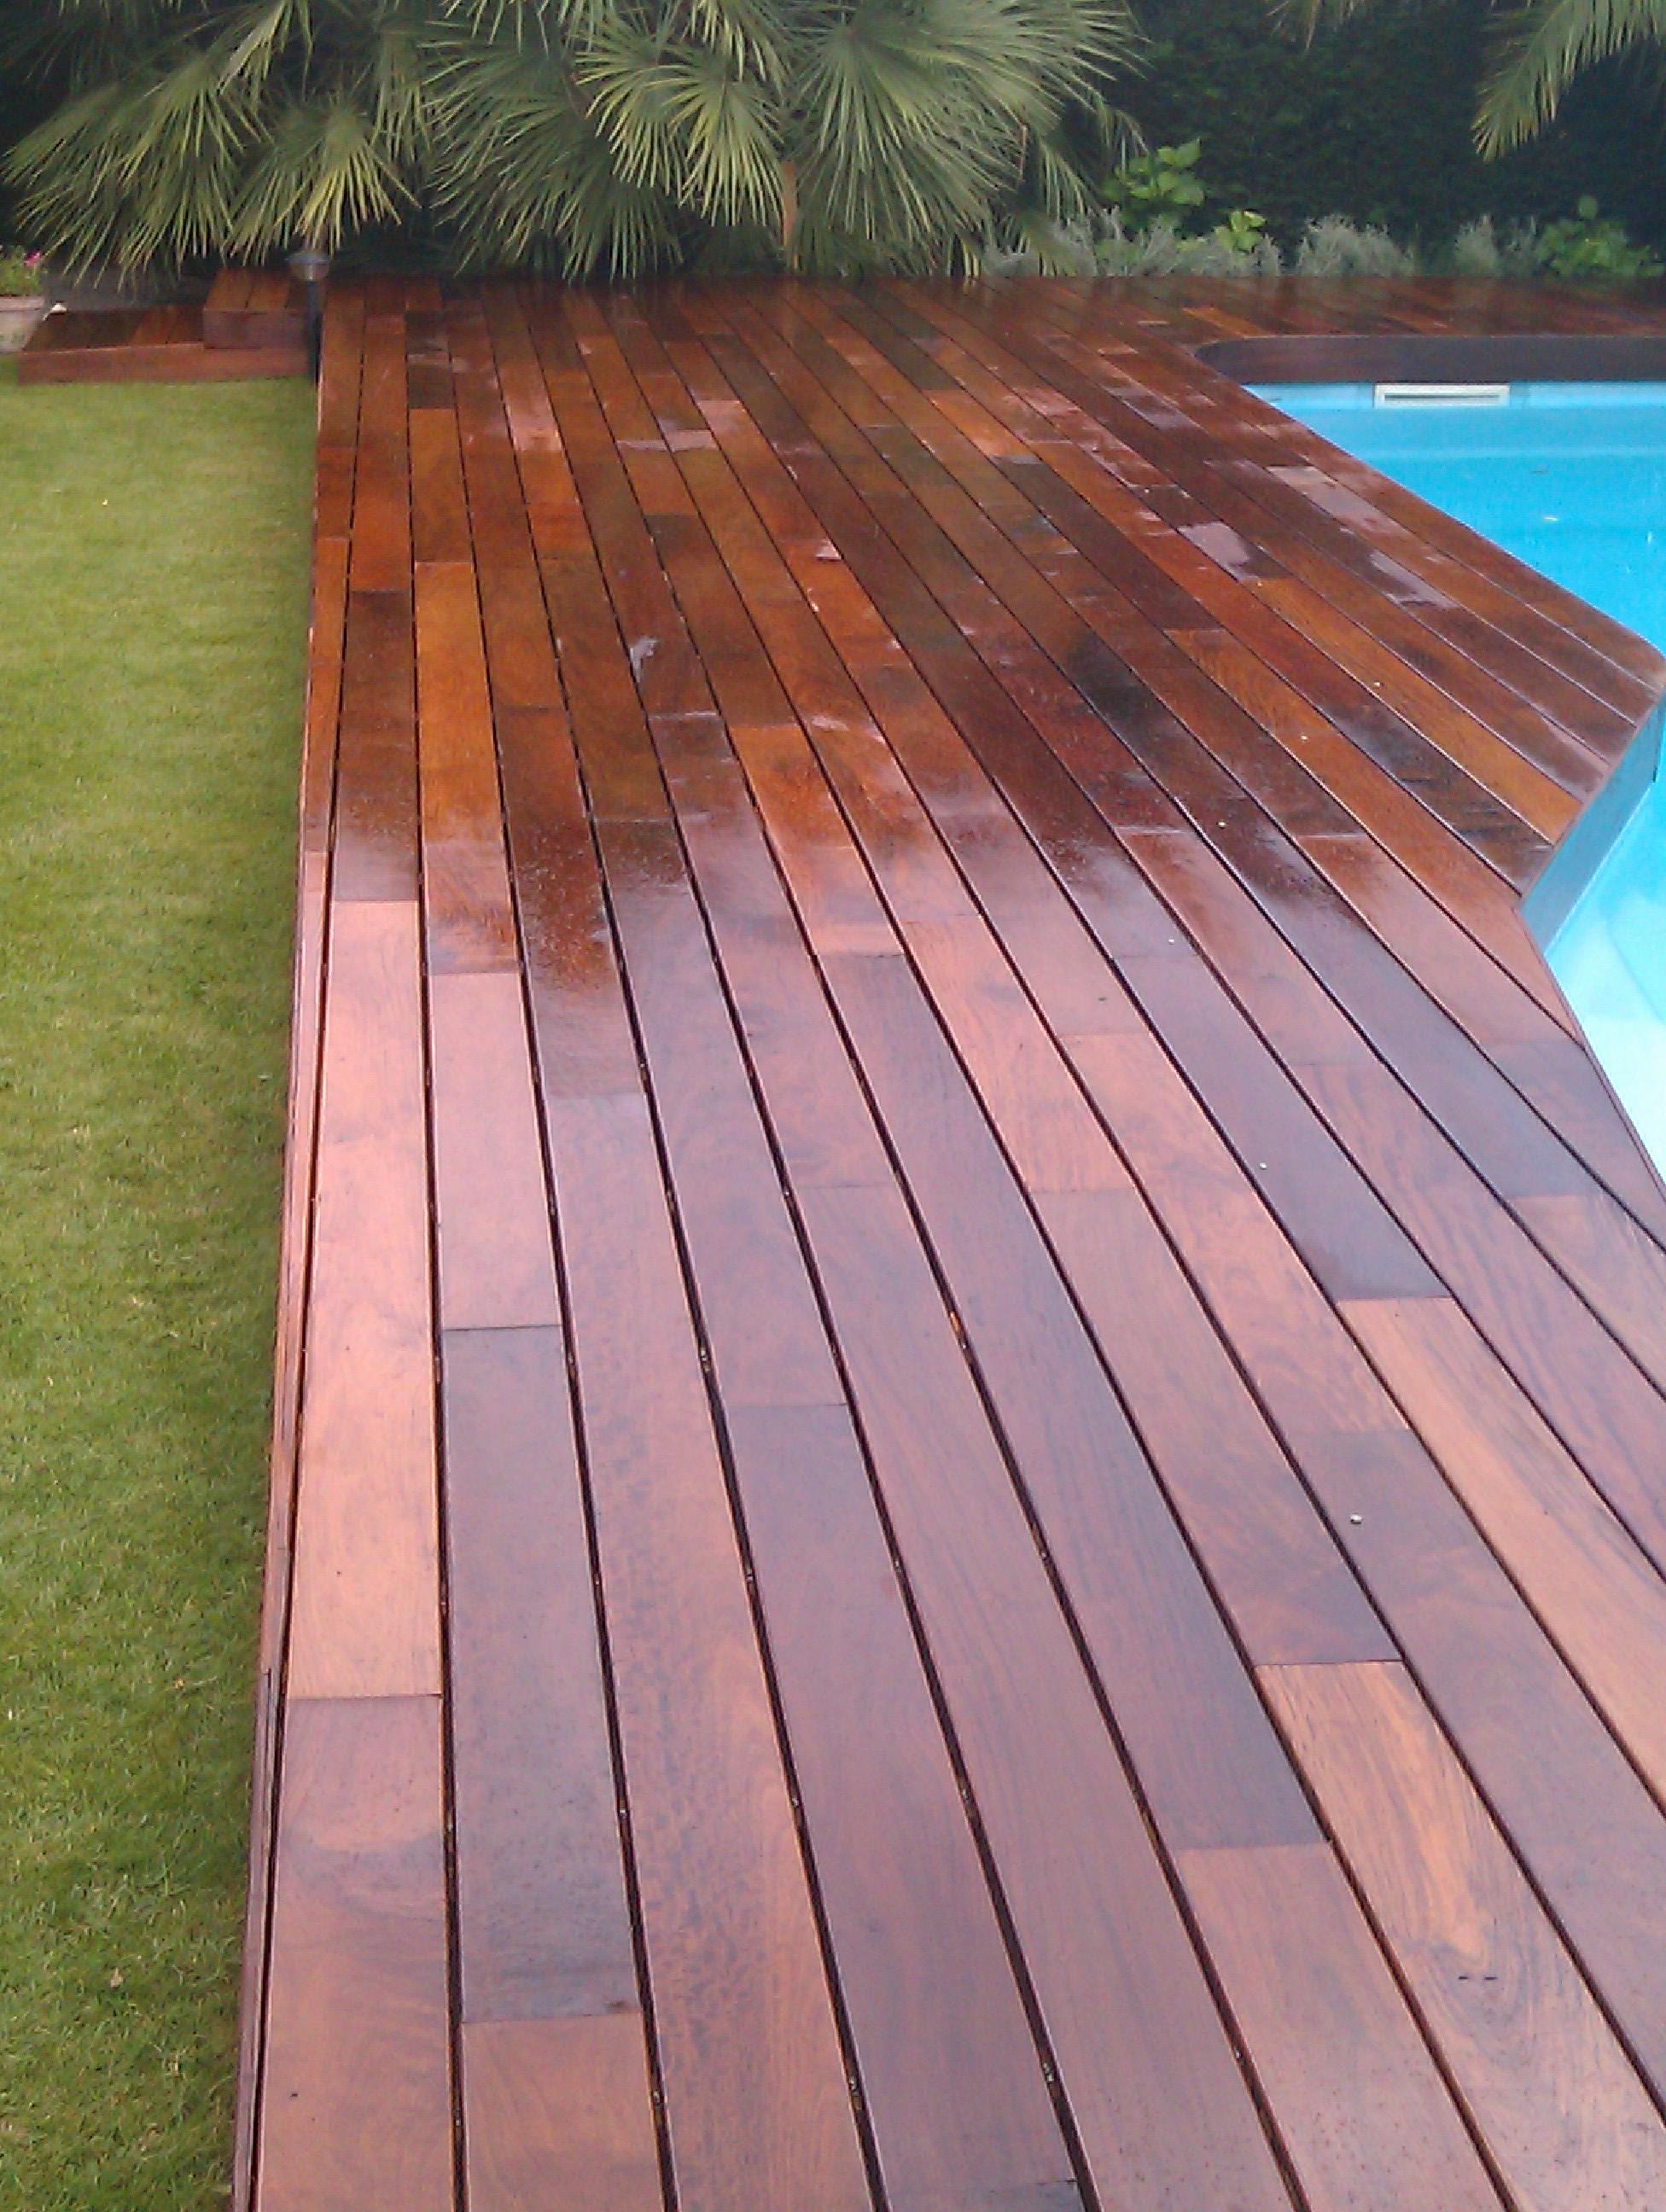 https://topmadera.com/wp-content/uploads/tarima-grapa-vista-de-ipe-en-jardin-y-piscina-1.jpg